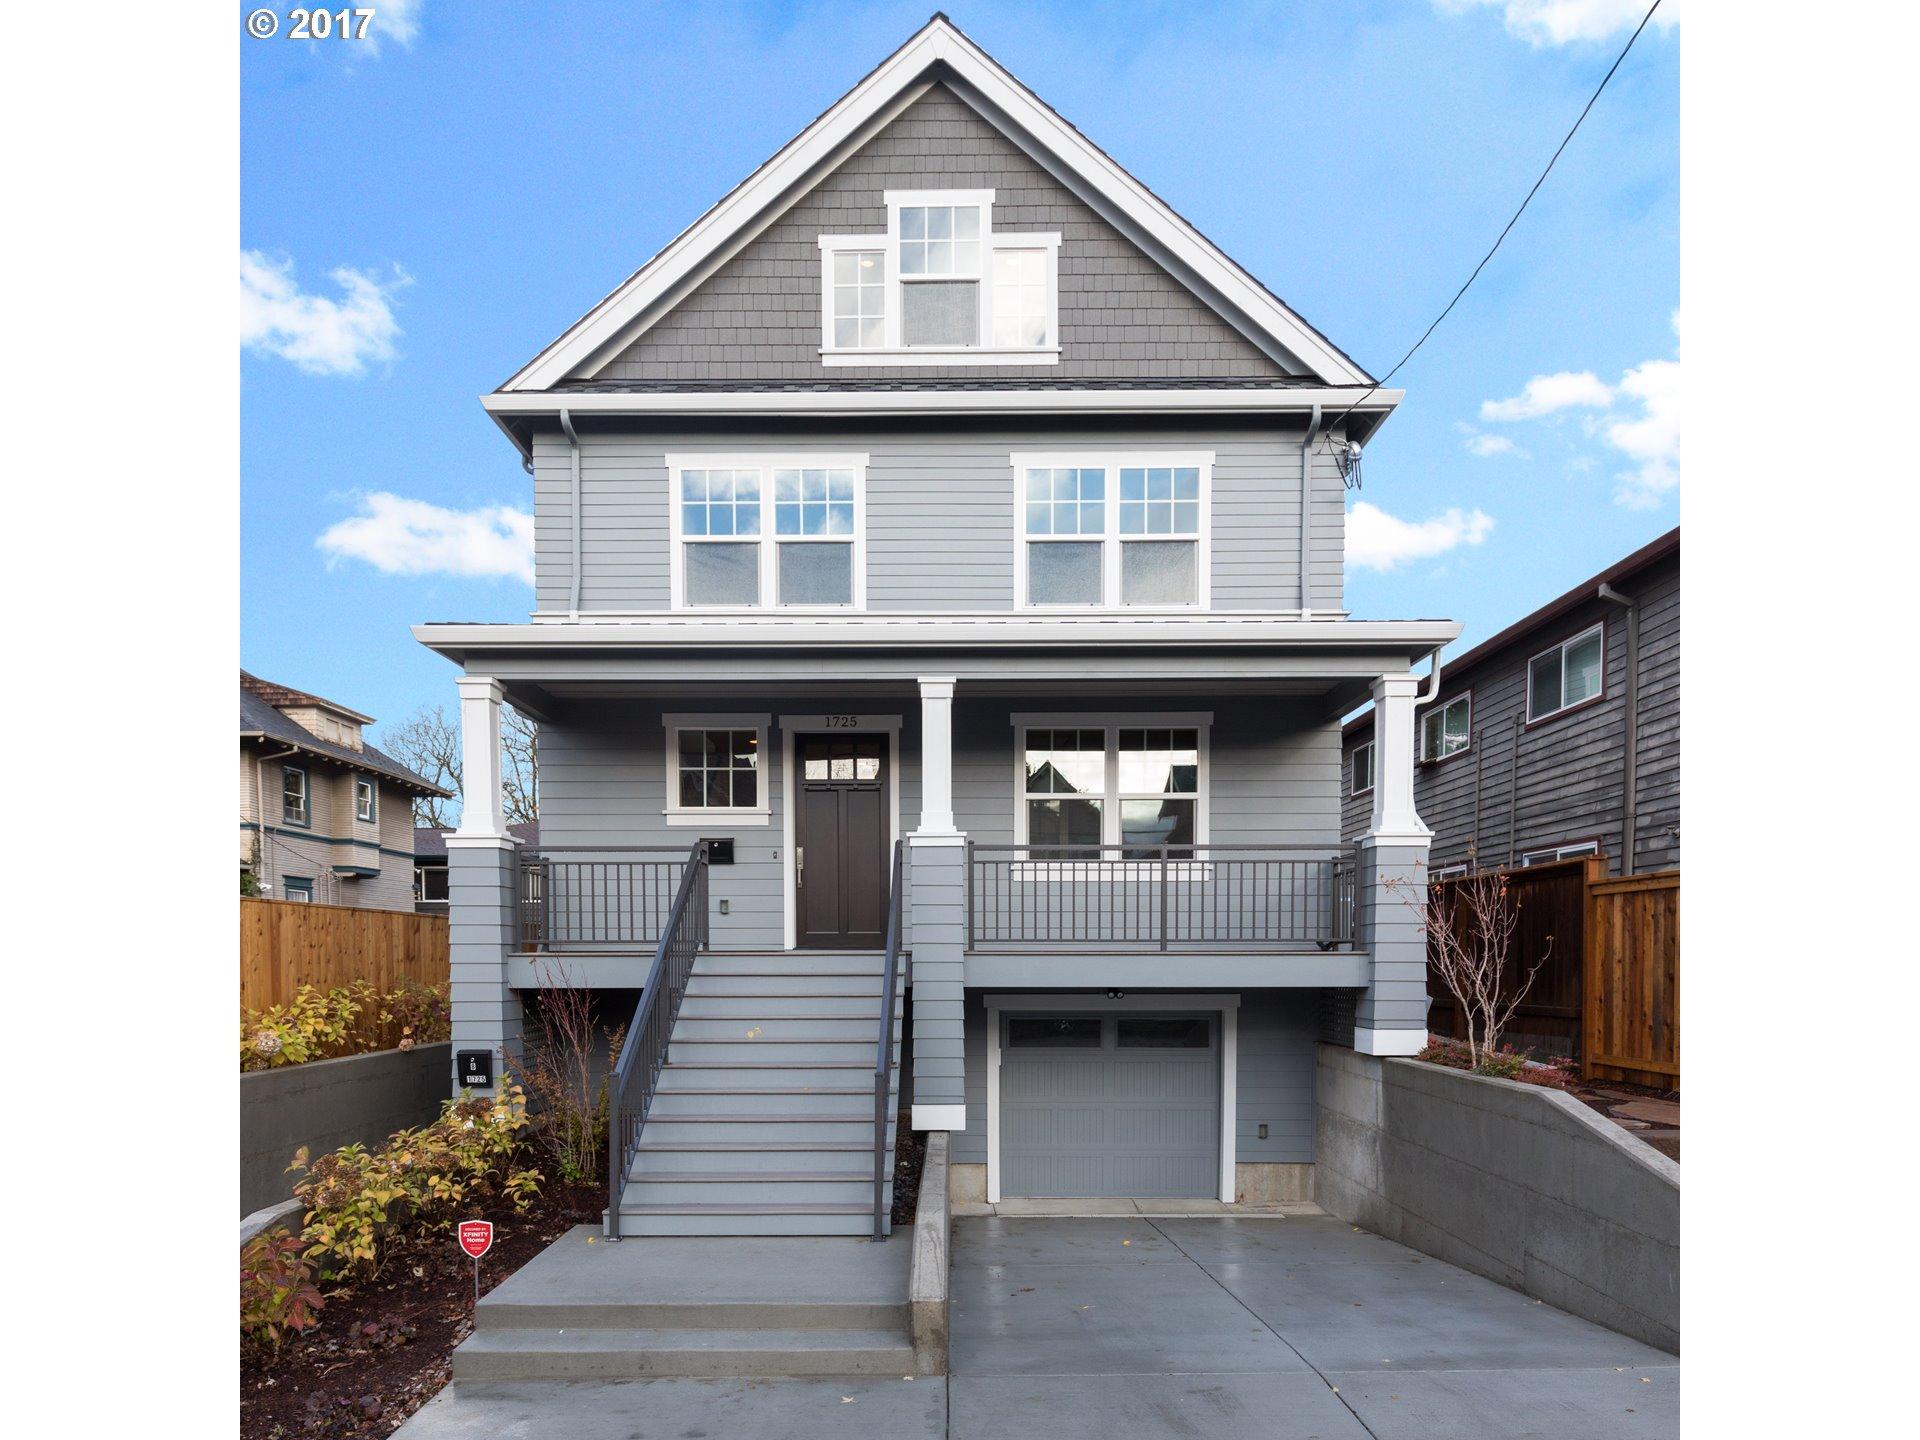 1725 SE ALDER ST, Portland OR 97214